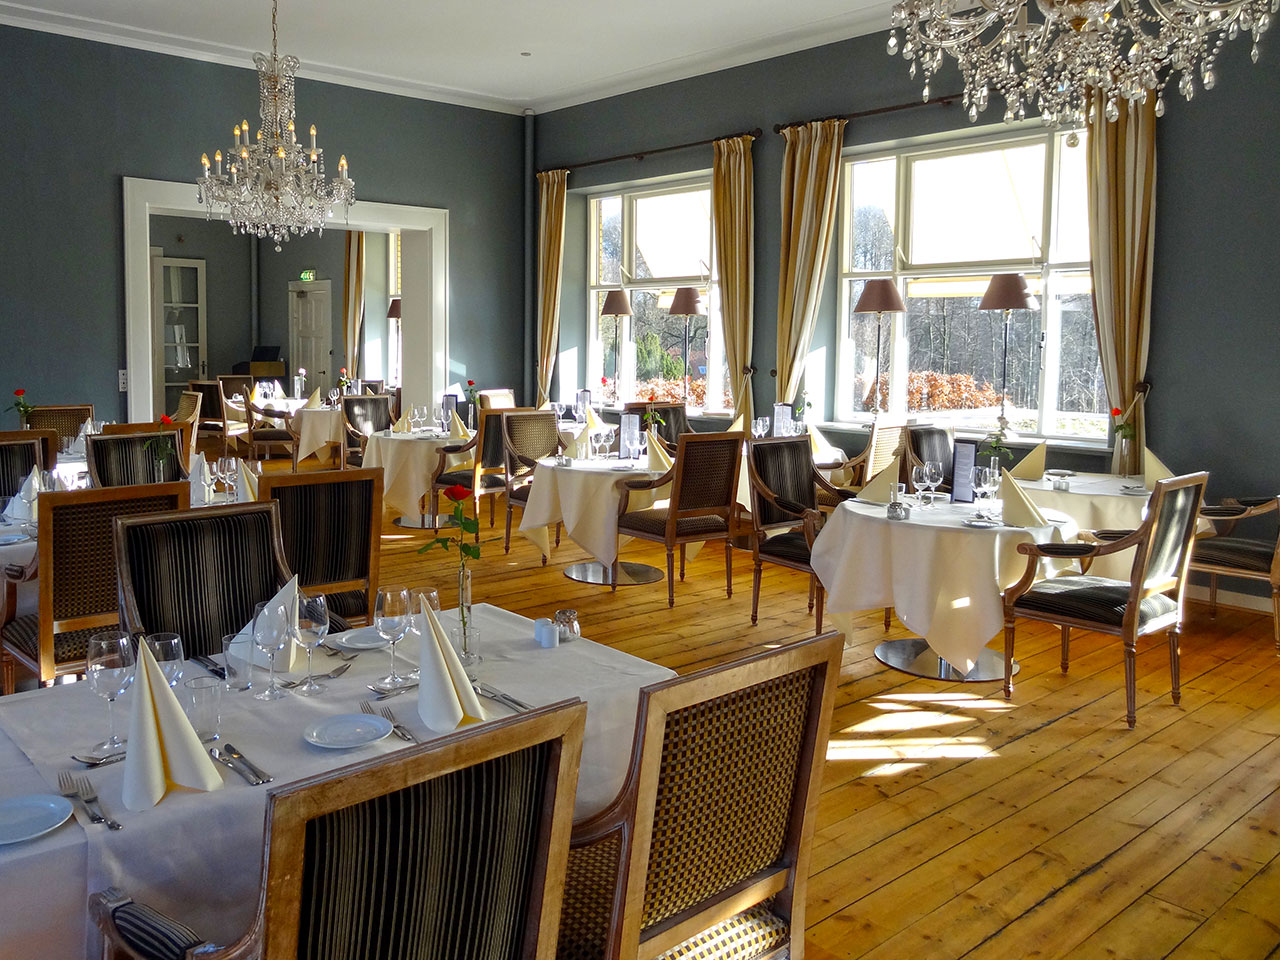 restaurant og fest restaurant brasseriet